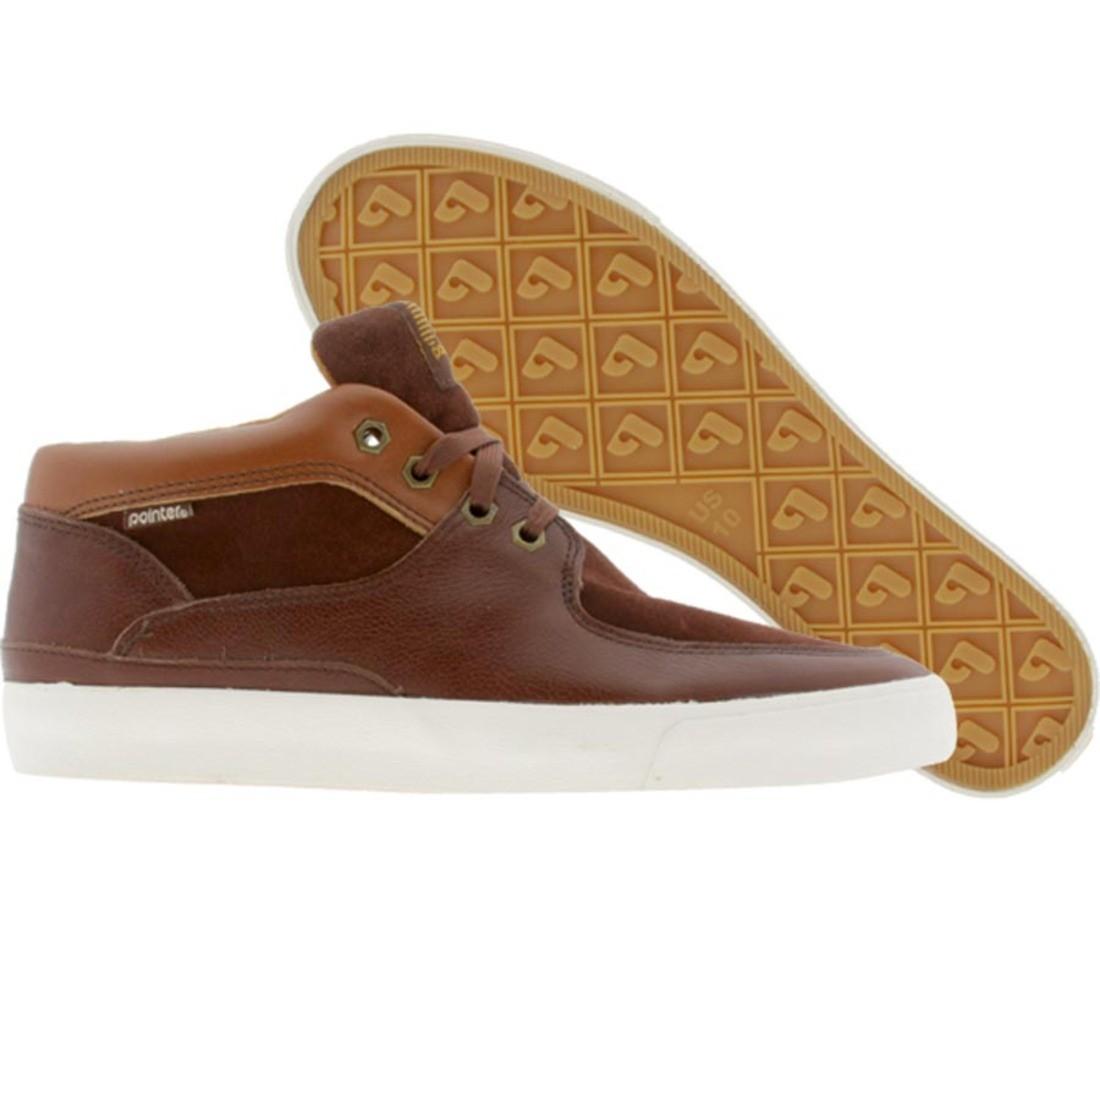 【海外限定】スニーカー 靴 【 POINTER MATHIESON BROWN 】